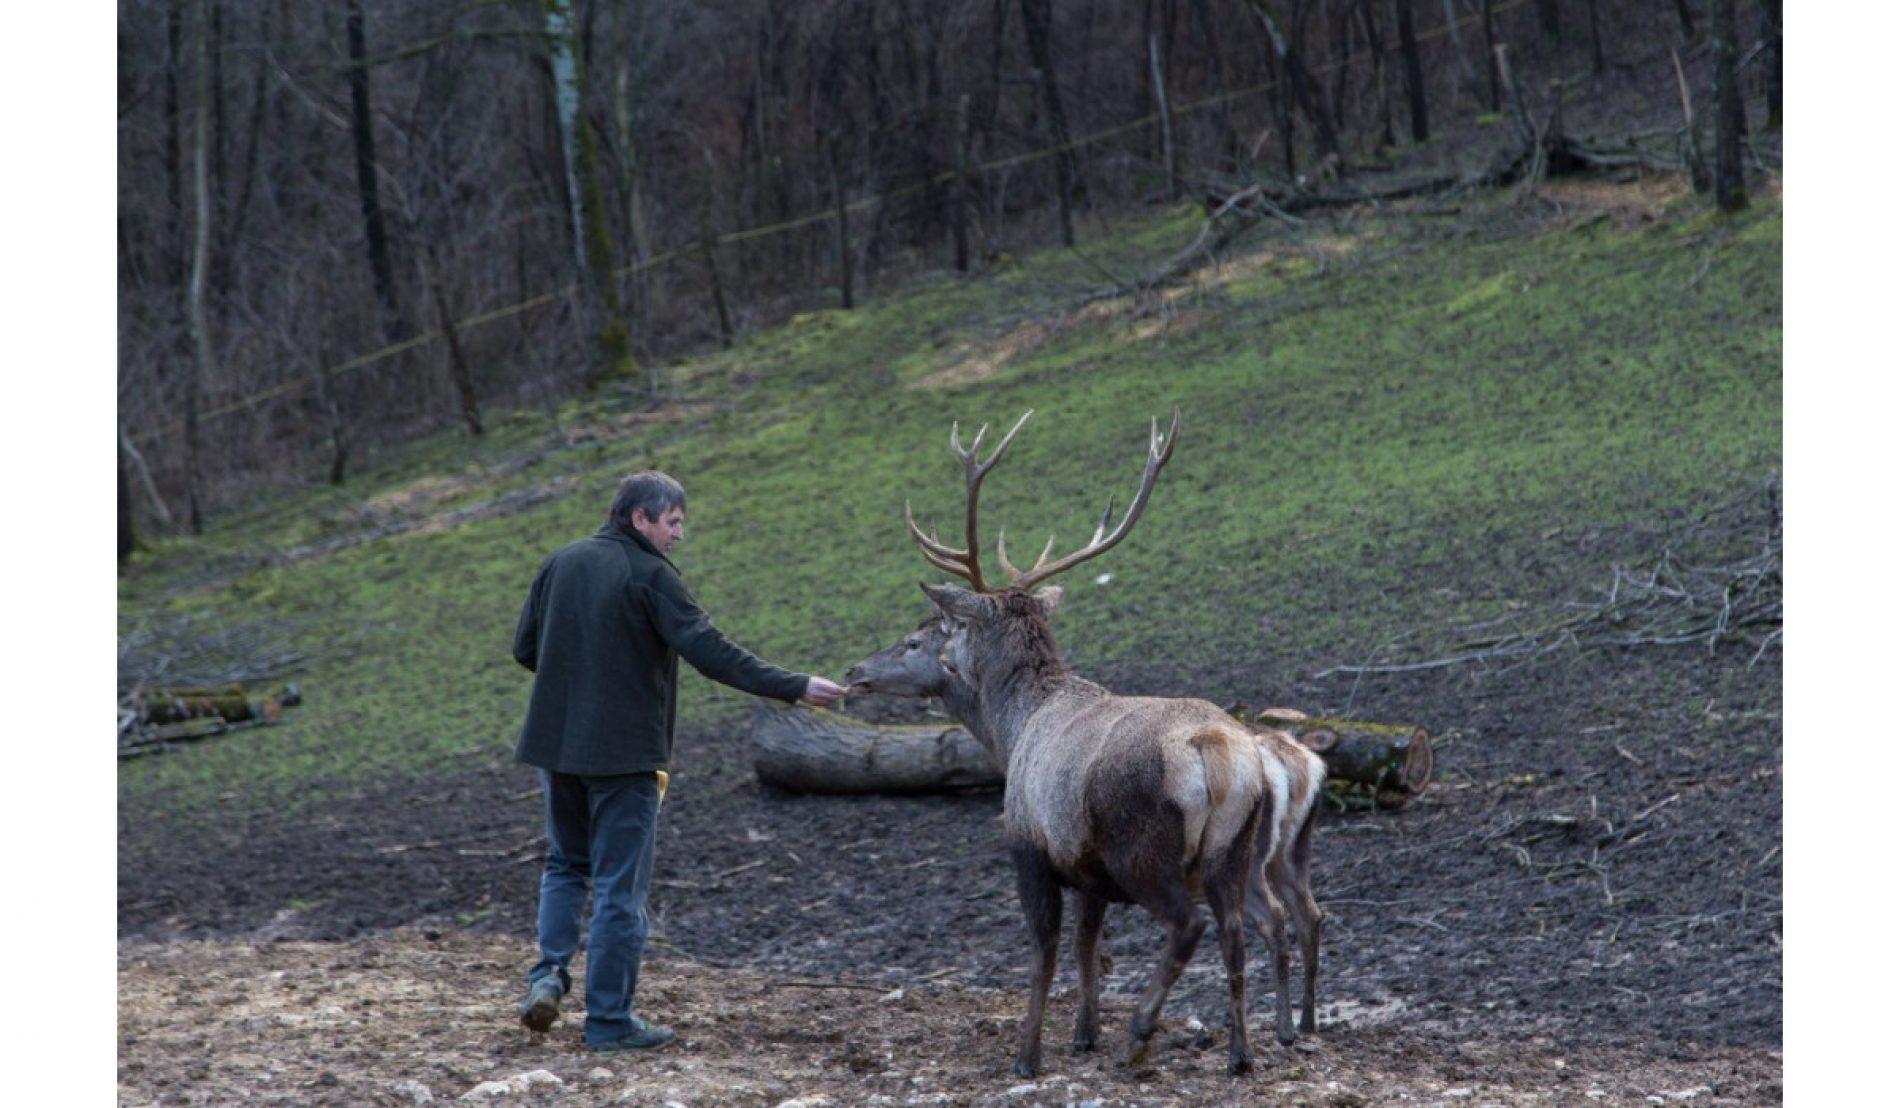 Neobičan ranč u Gornjoj Sanici: Mjesto gdje jeleni jedu iz ruke i odazivaju se na imena